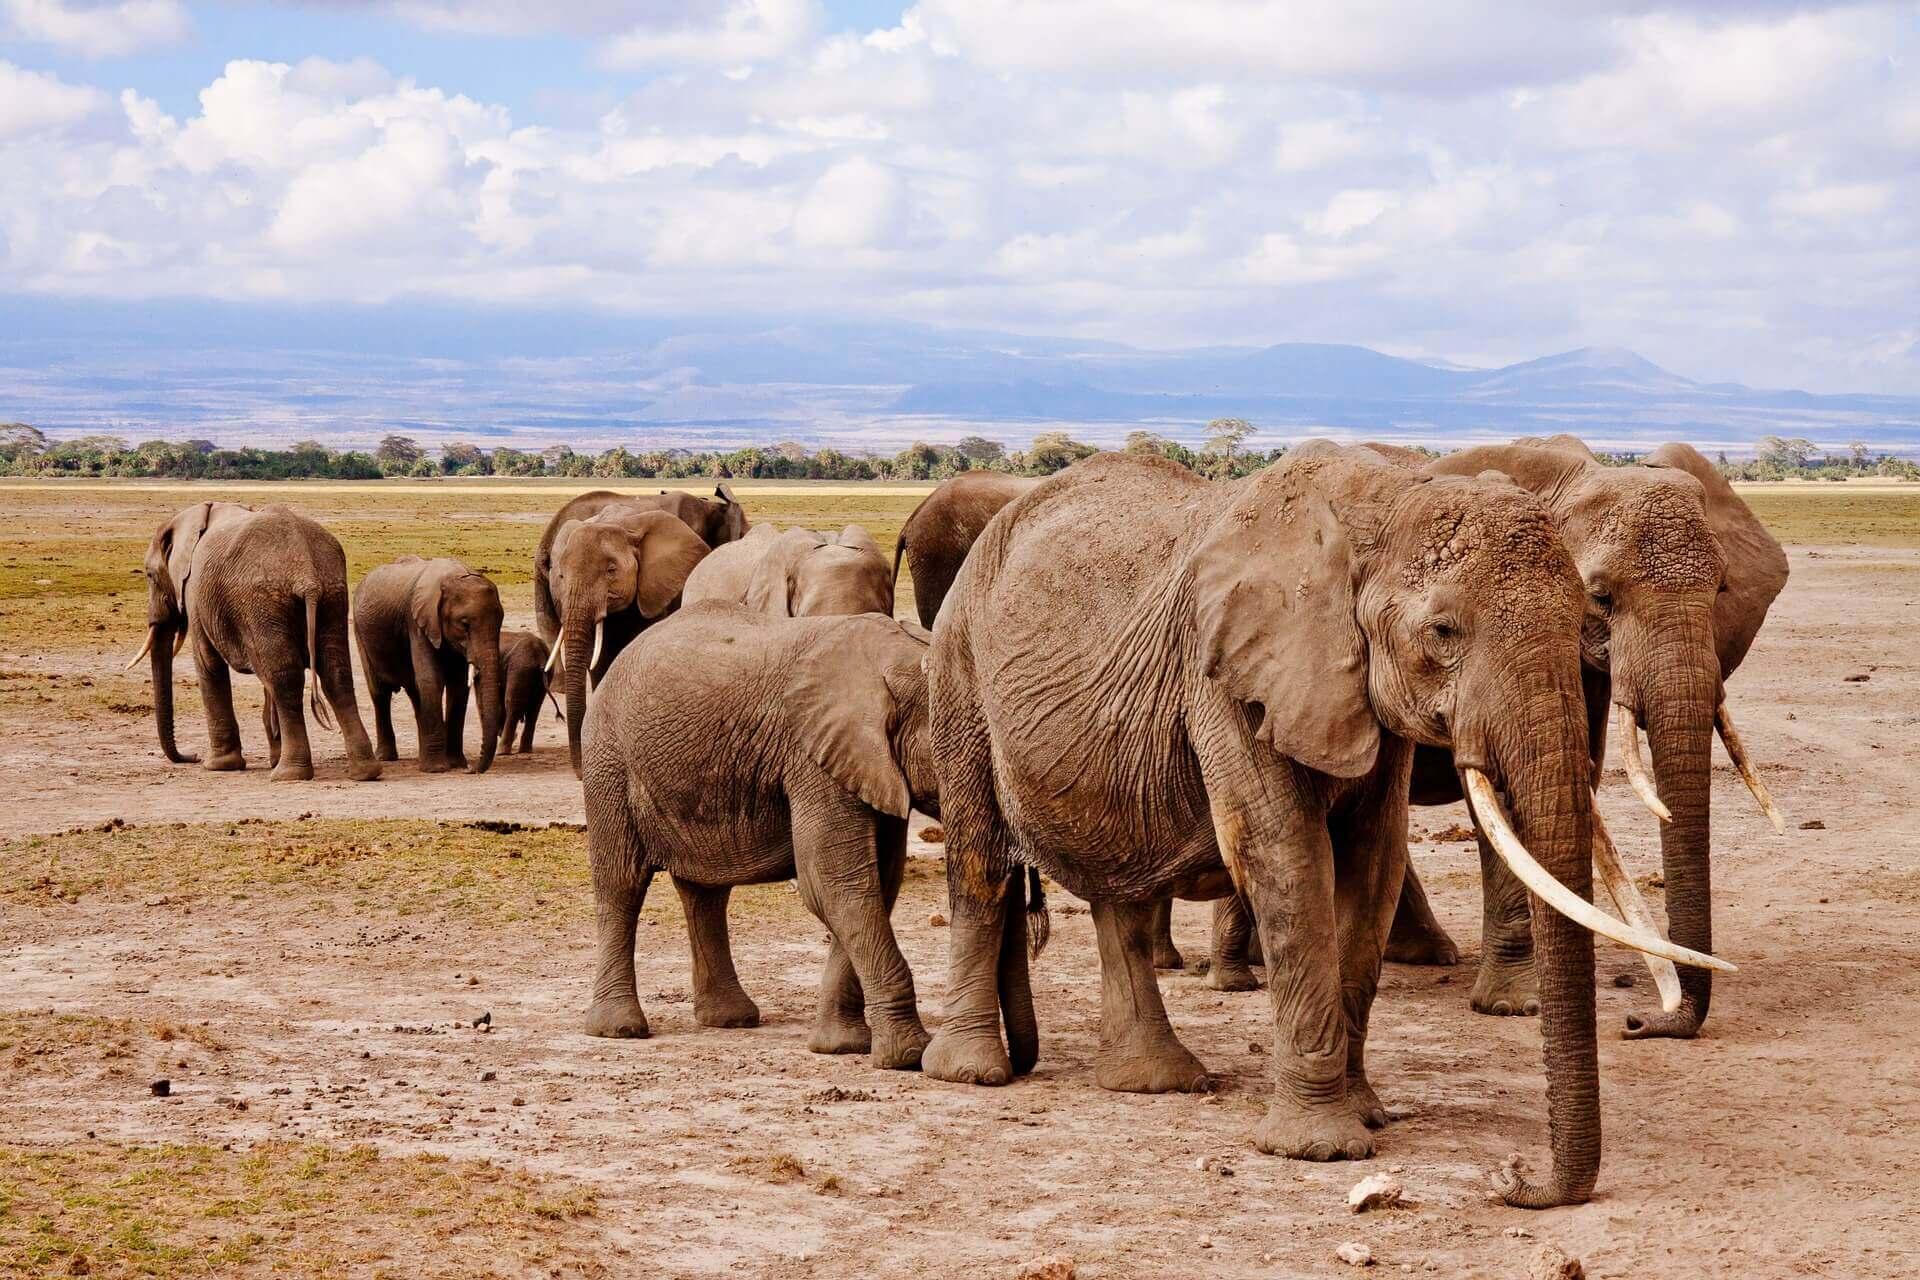 Top 10 Tourist Attractions in Kenya